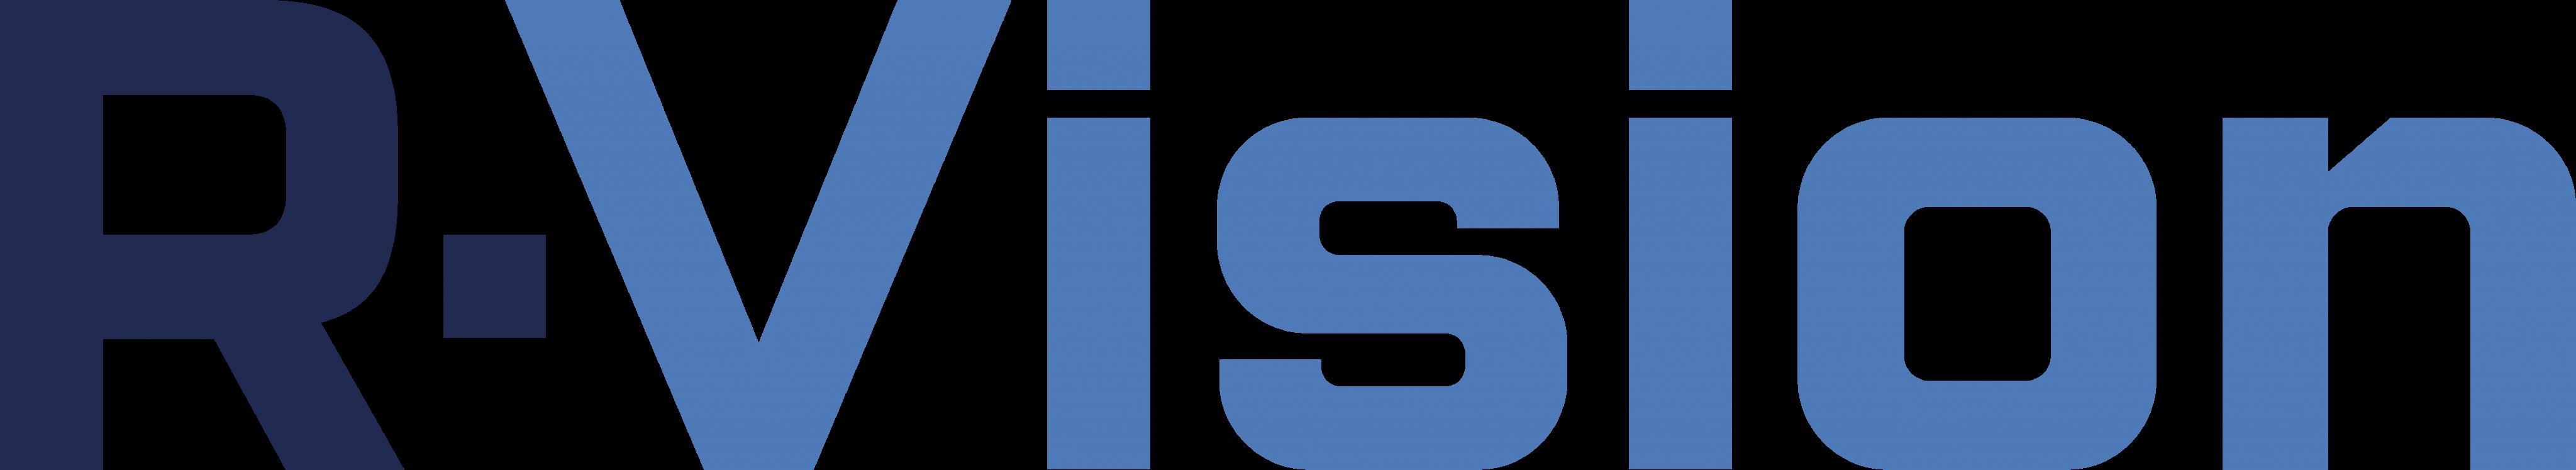 R-Vision logo